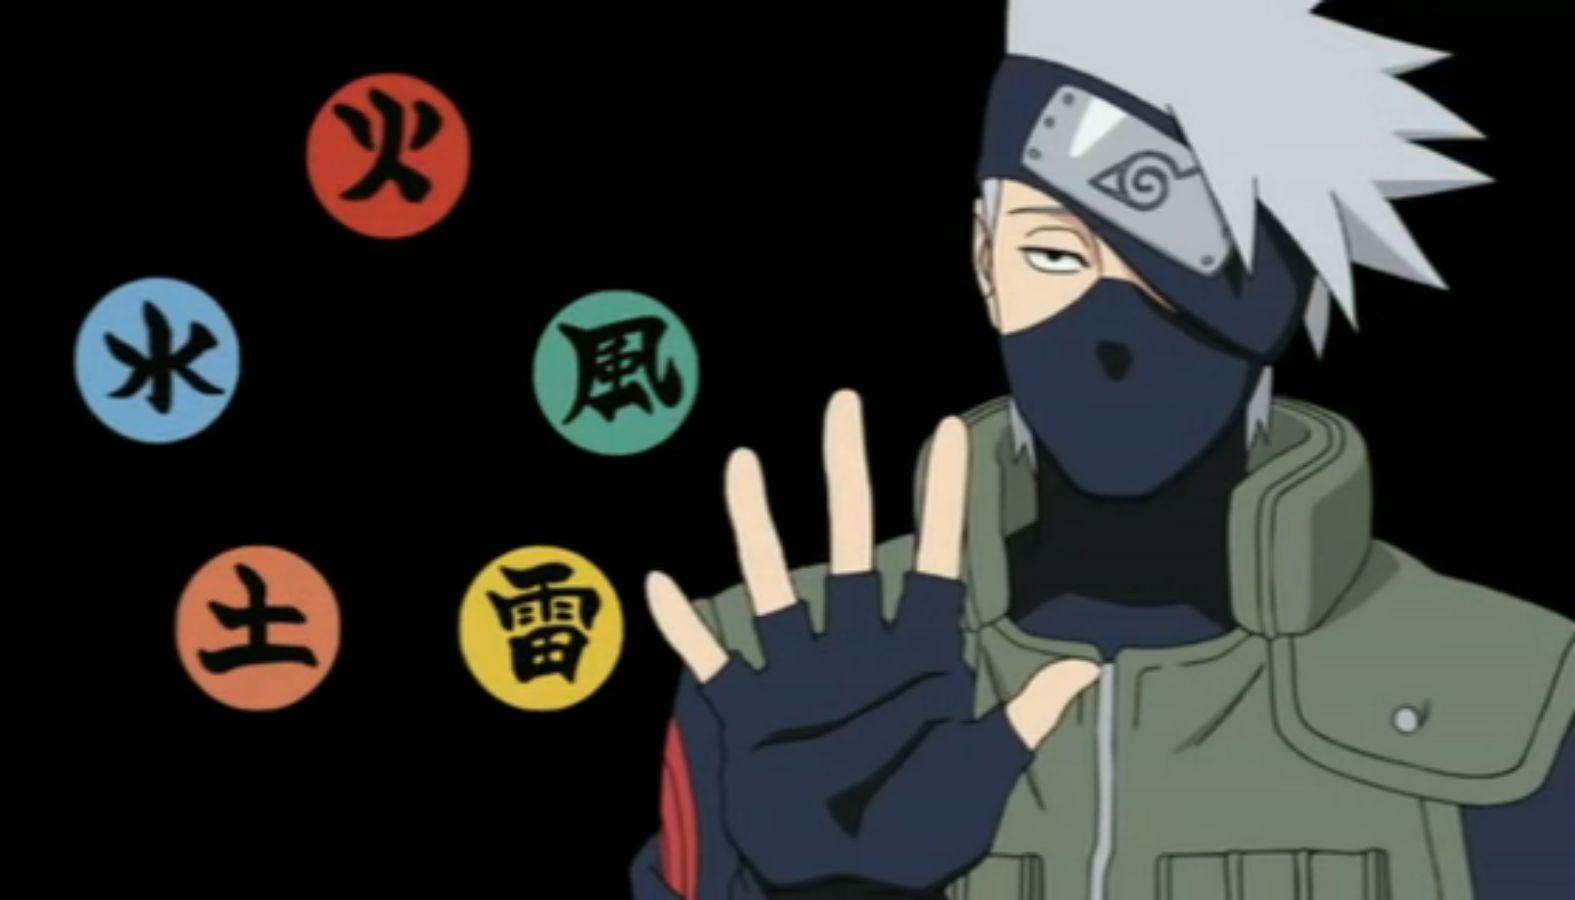 6259 - ¿Qué elemento ninjutsu de Naruto controlarías? ¿Qué tipo de ninja serías?